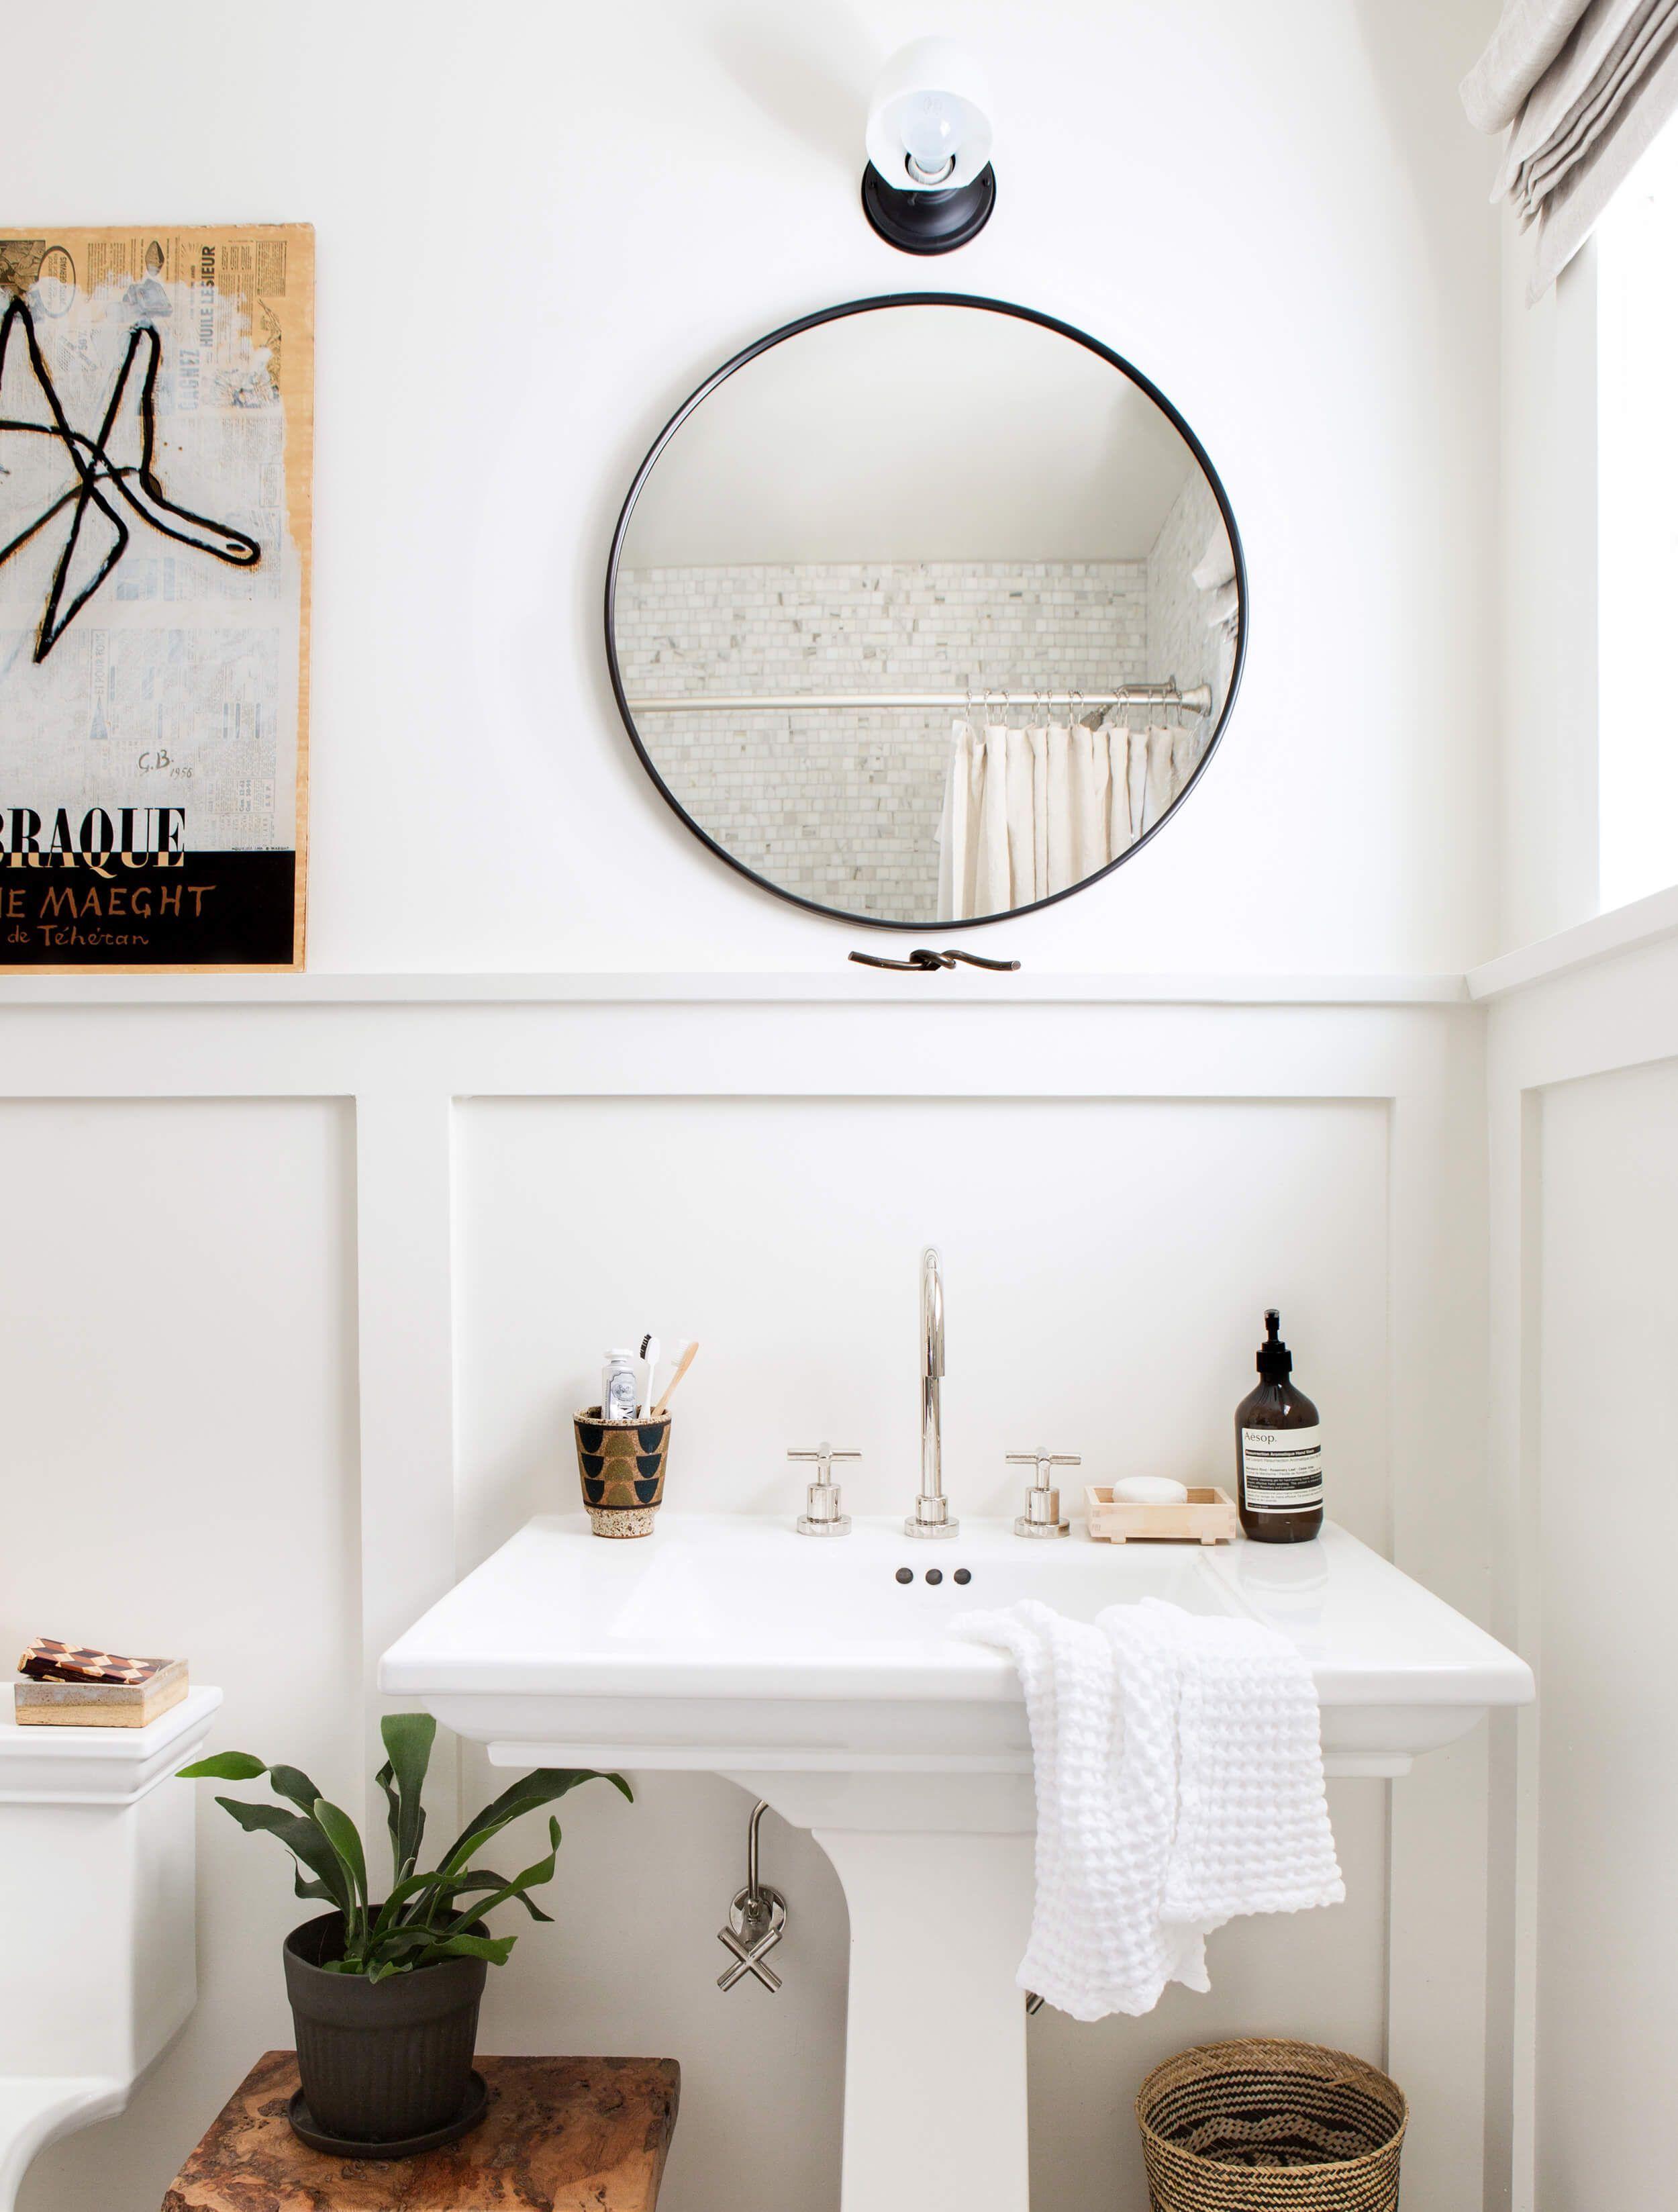 Pedestal Sink Schoolhouse Light Round Mirror Vintage Art Hits